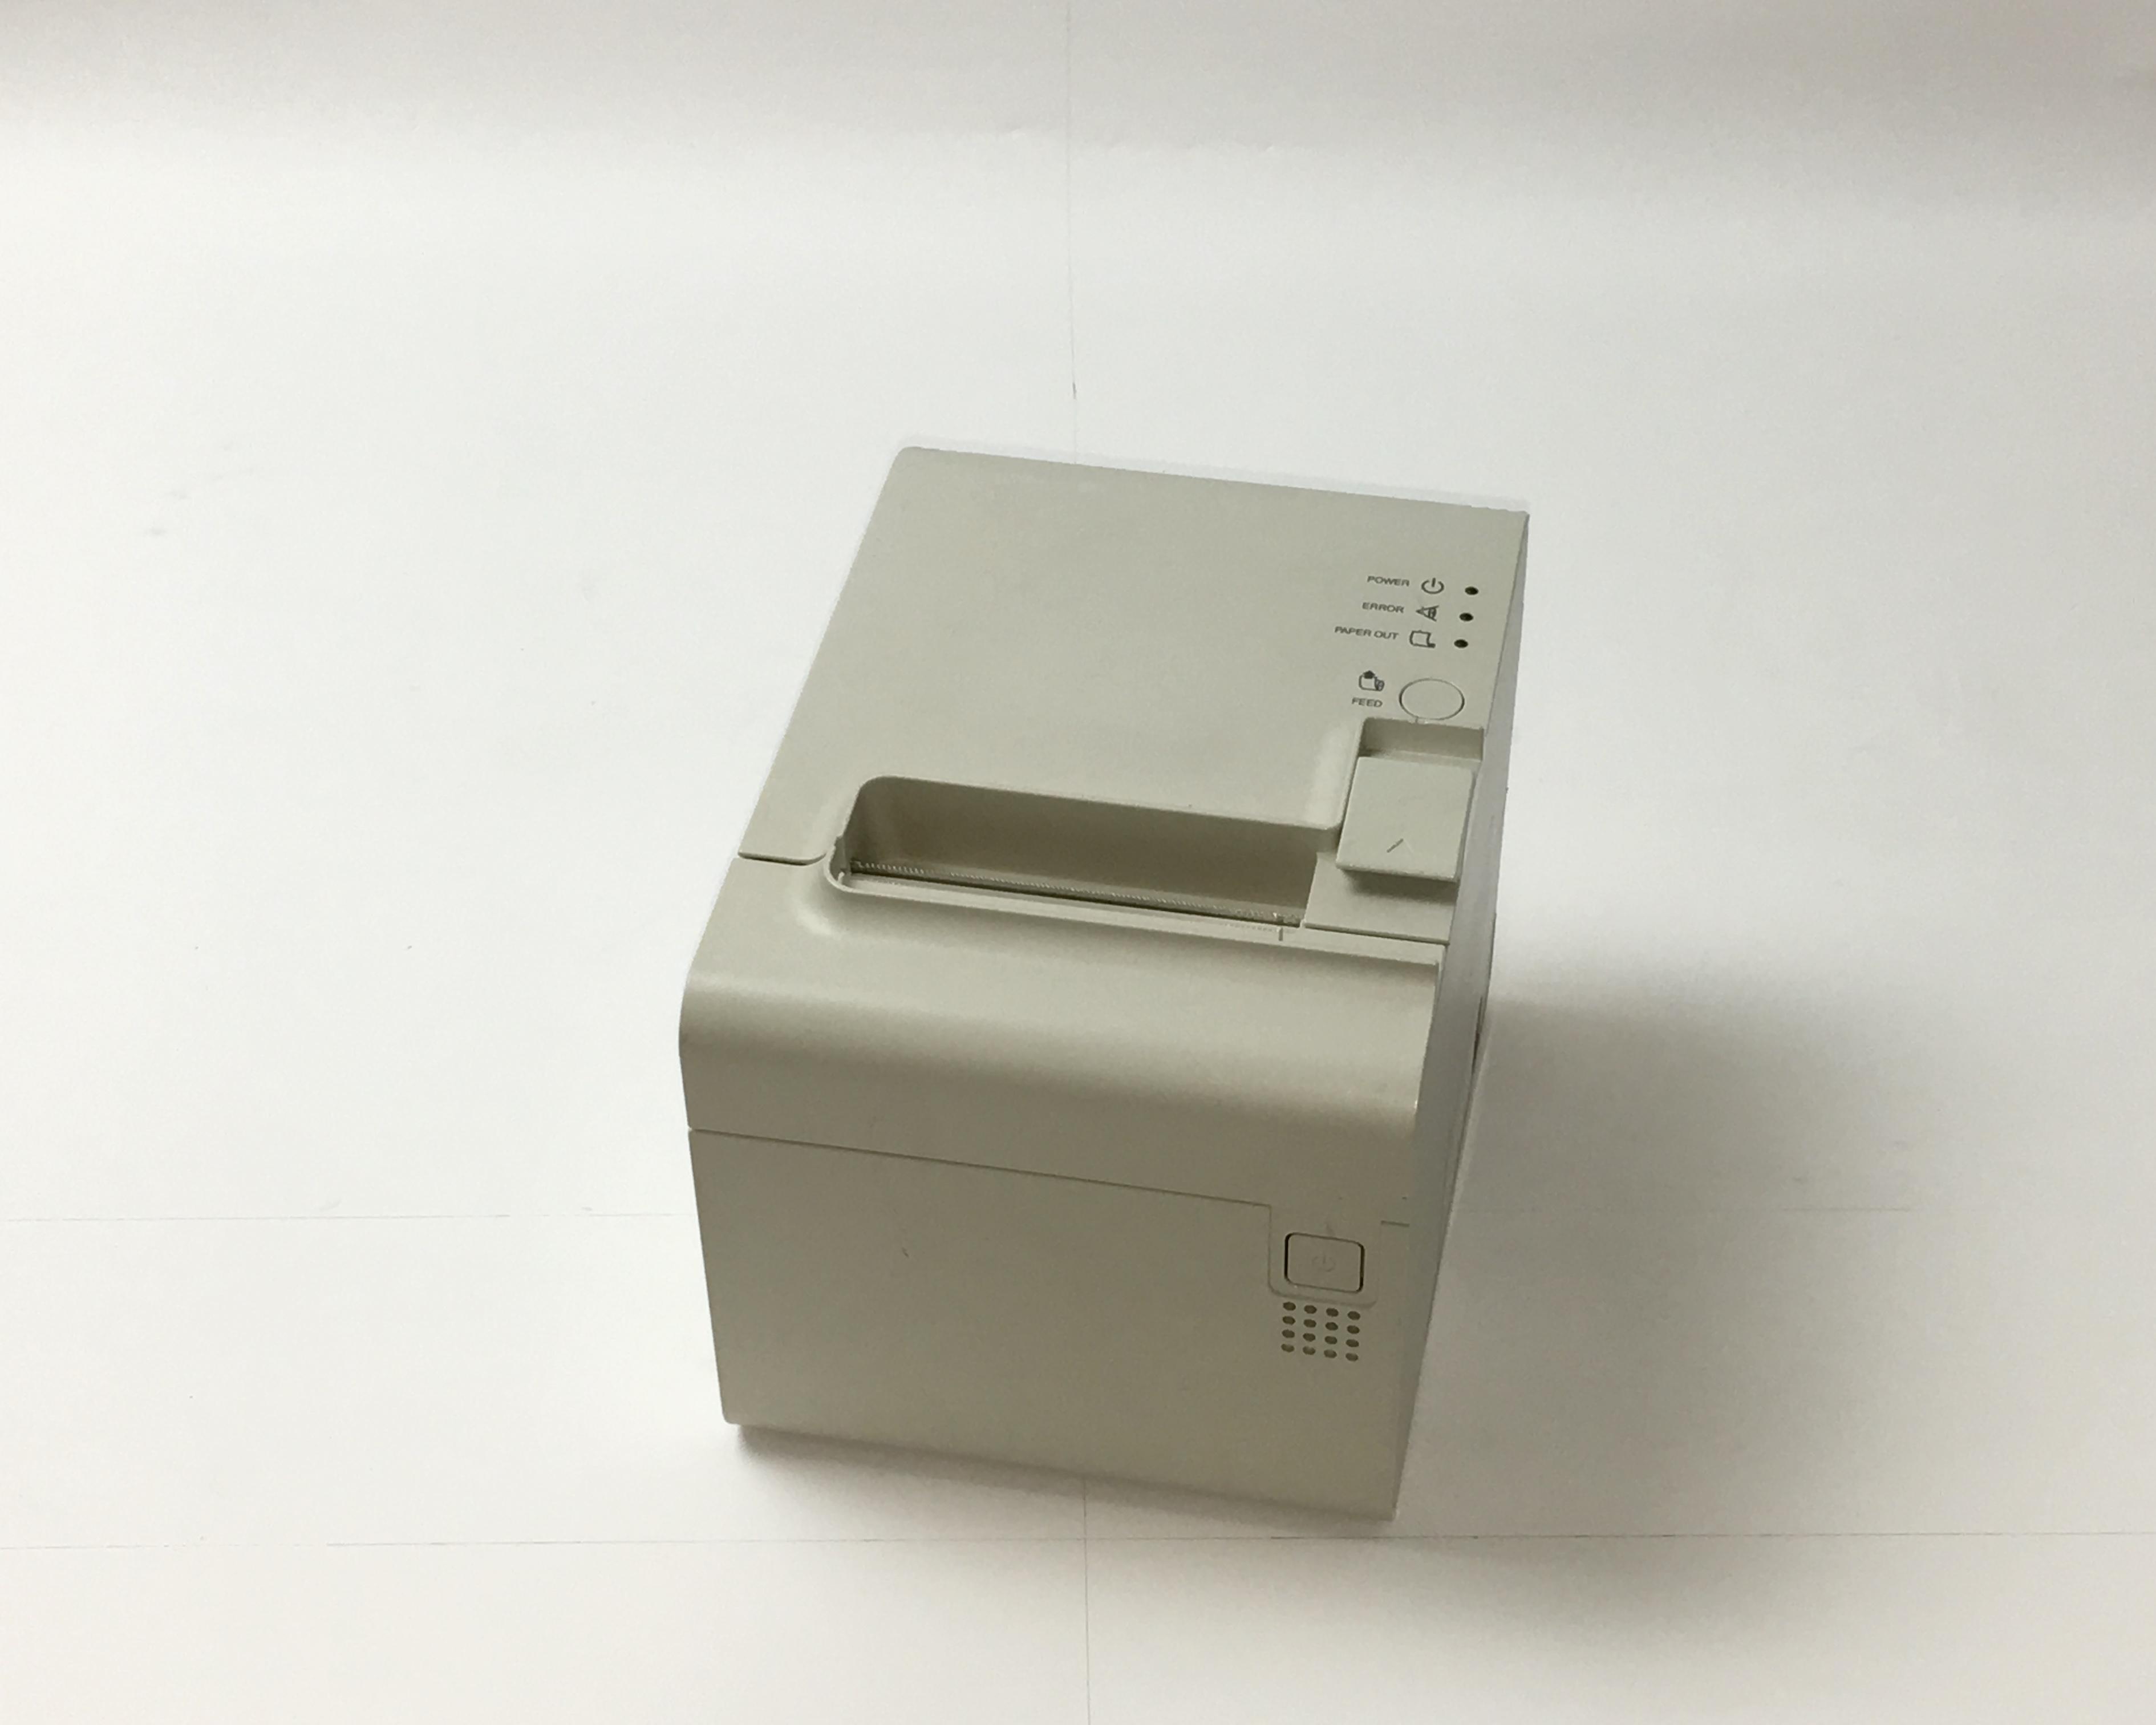 【お買得中古】EPSON レシートプリンタ TM-T90(USB/80mm)ホワイト メイン画像